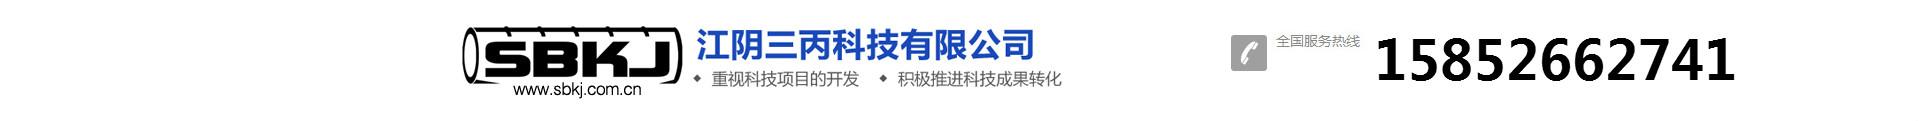 江阴三丙科技有限公司